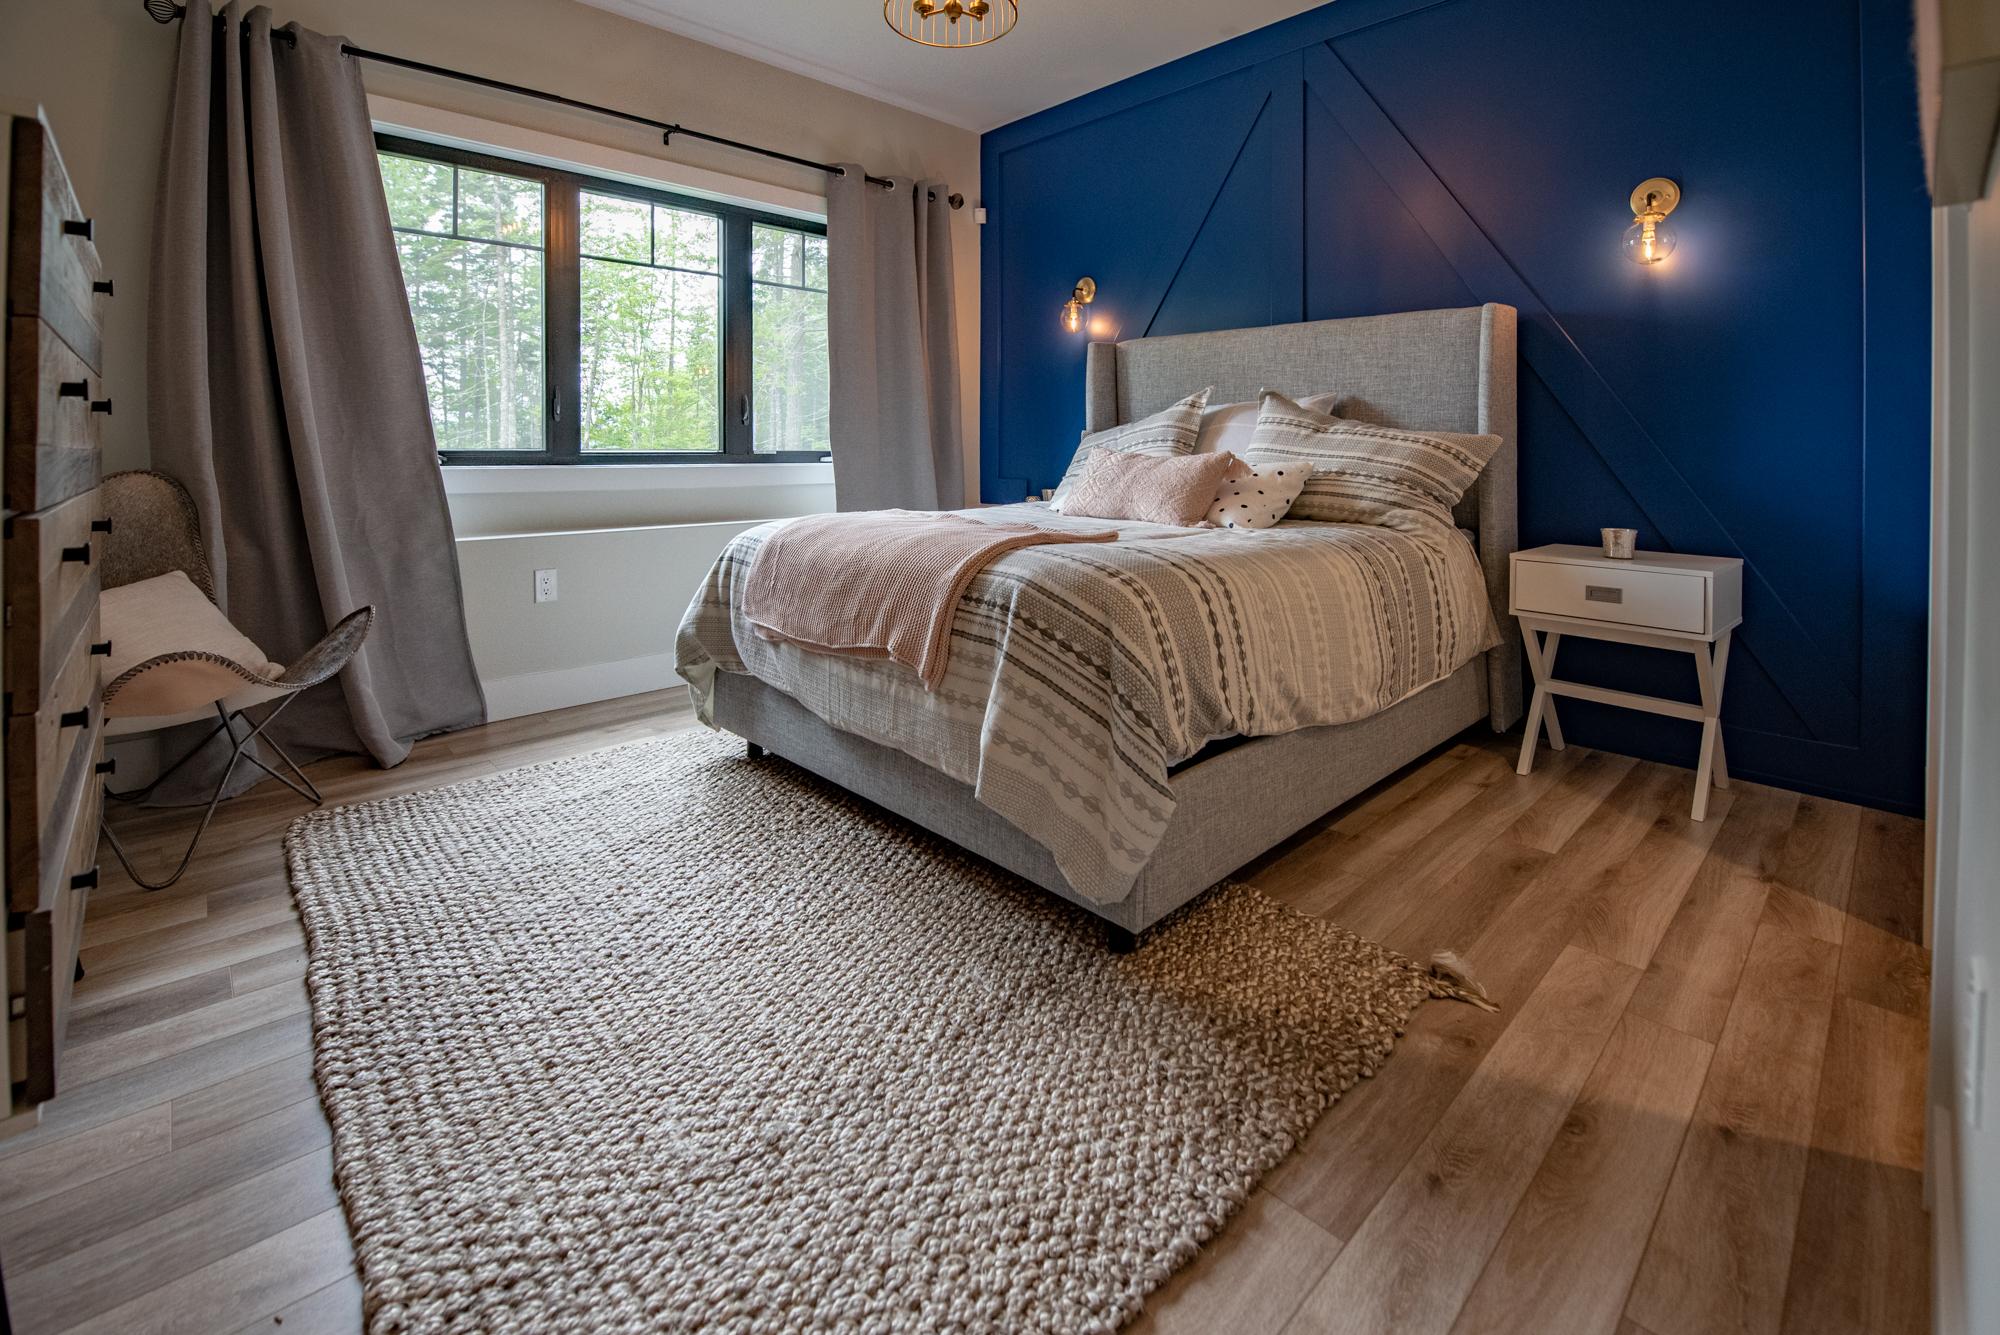 Guest bedroomDAC_7167-HDR_.jpg